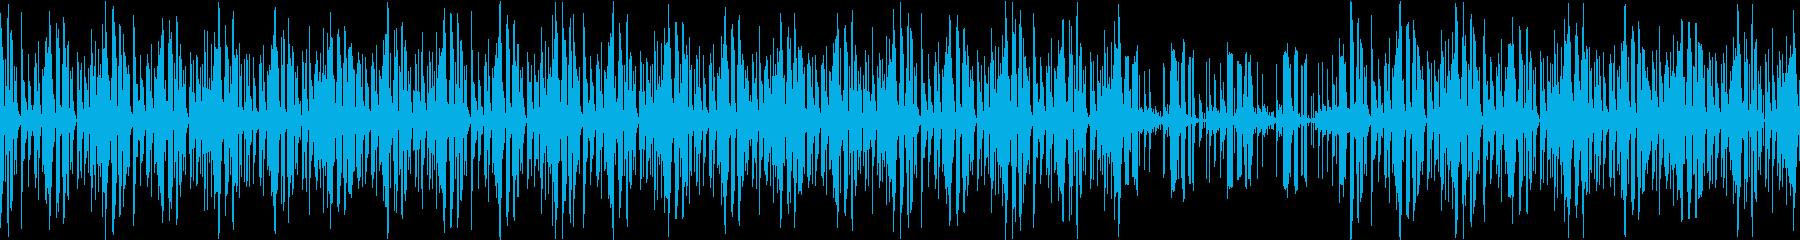 ニュース読みBGM。ルーブ可能の再生済みの波形